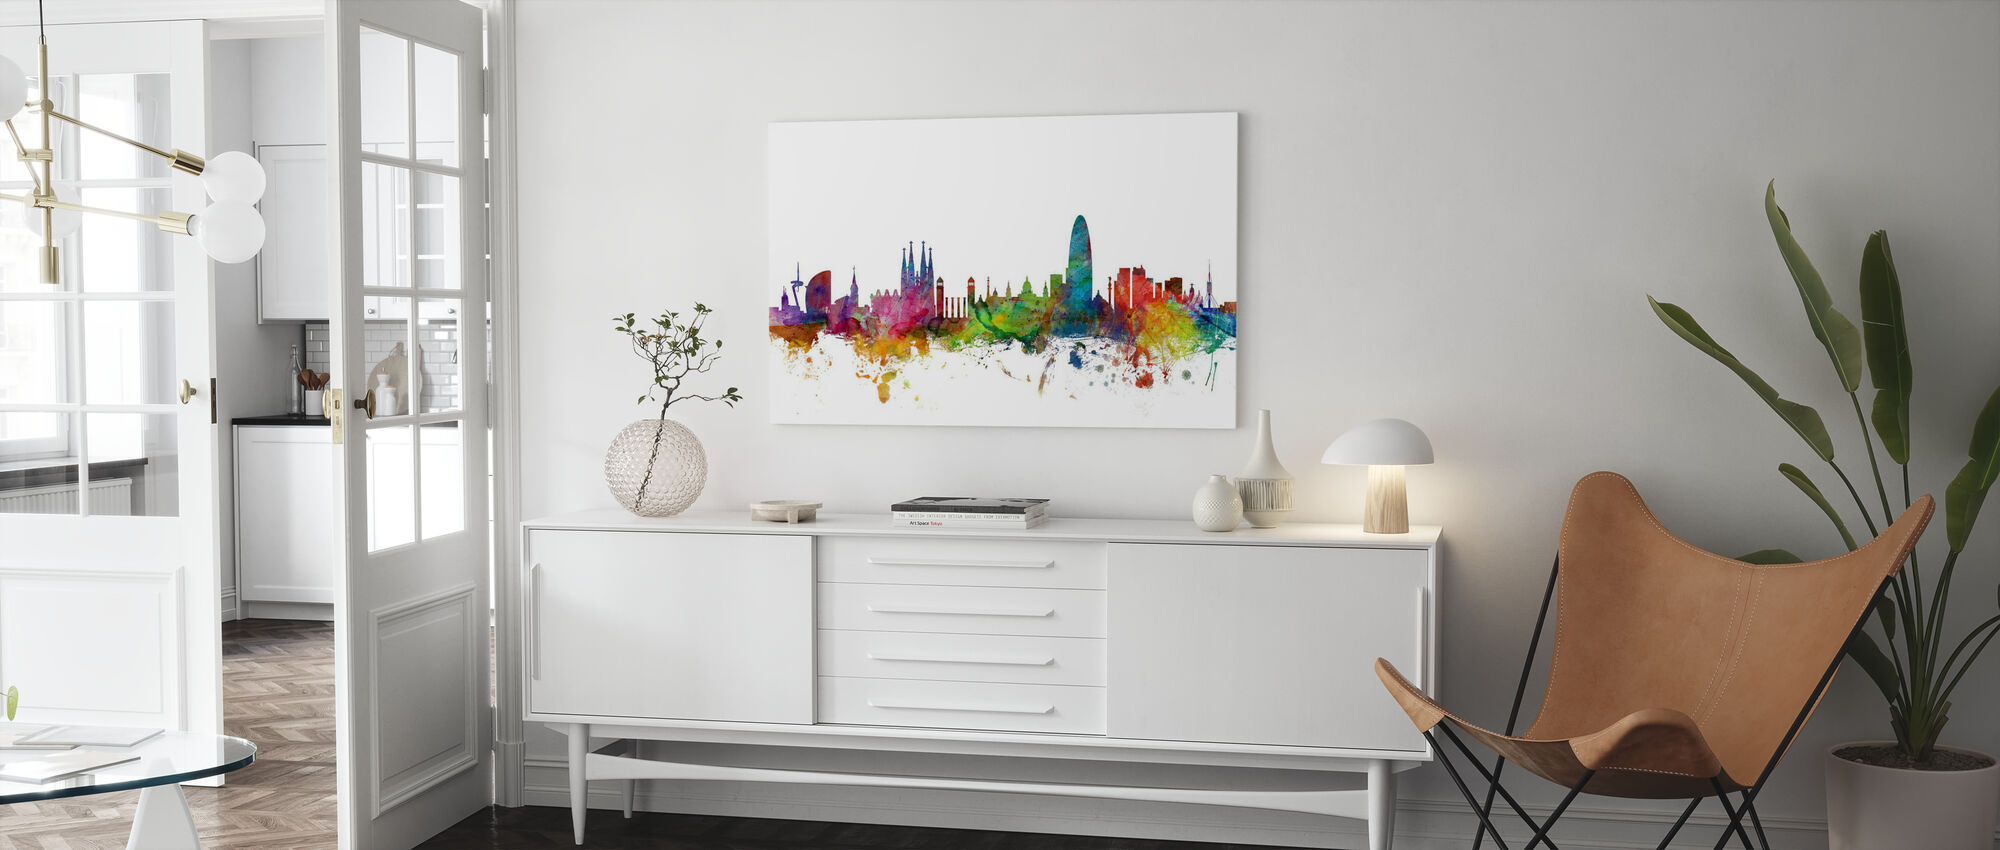 Skyline von Barcelona - Leinwandbild - Wohnzimmer